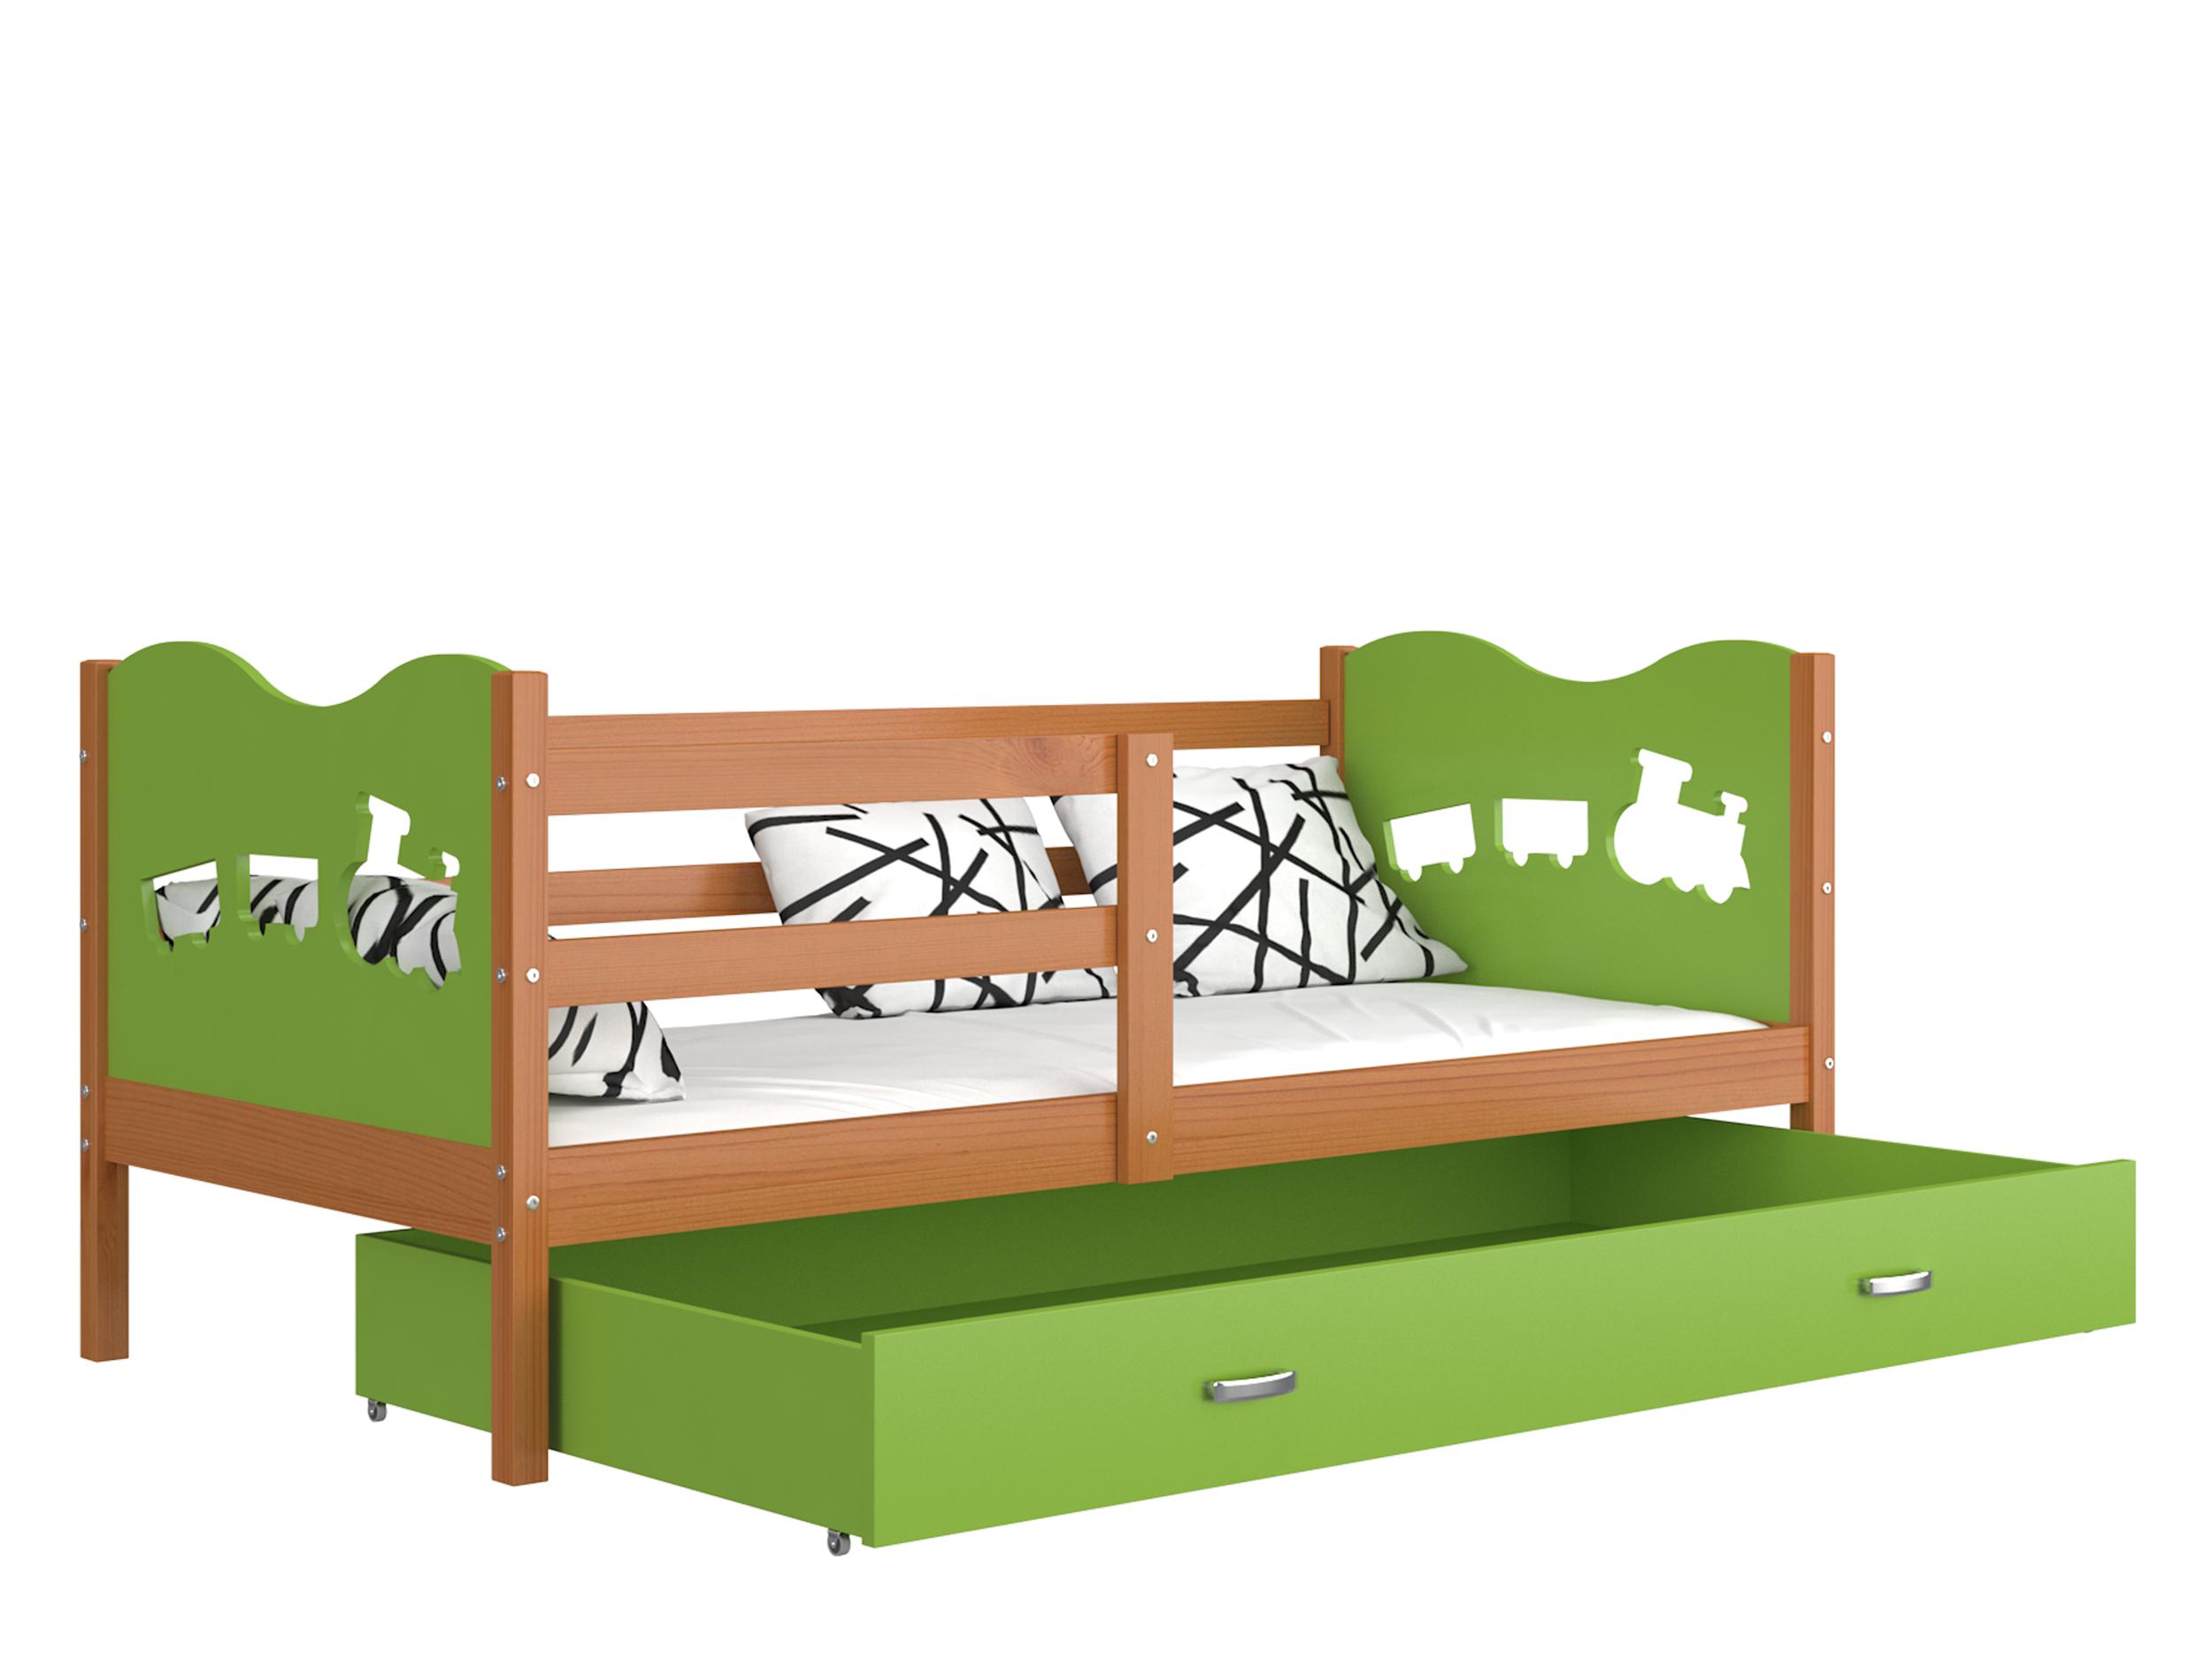 ArtAJ Detská posteľ MAX P drevo / MDF 160 x 80 cm Farba: jelša / zelená 160 x 80 cm, s matracom